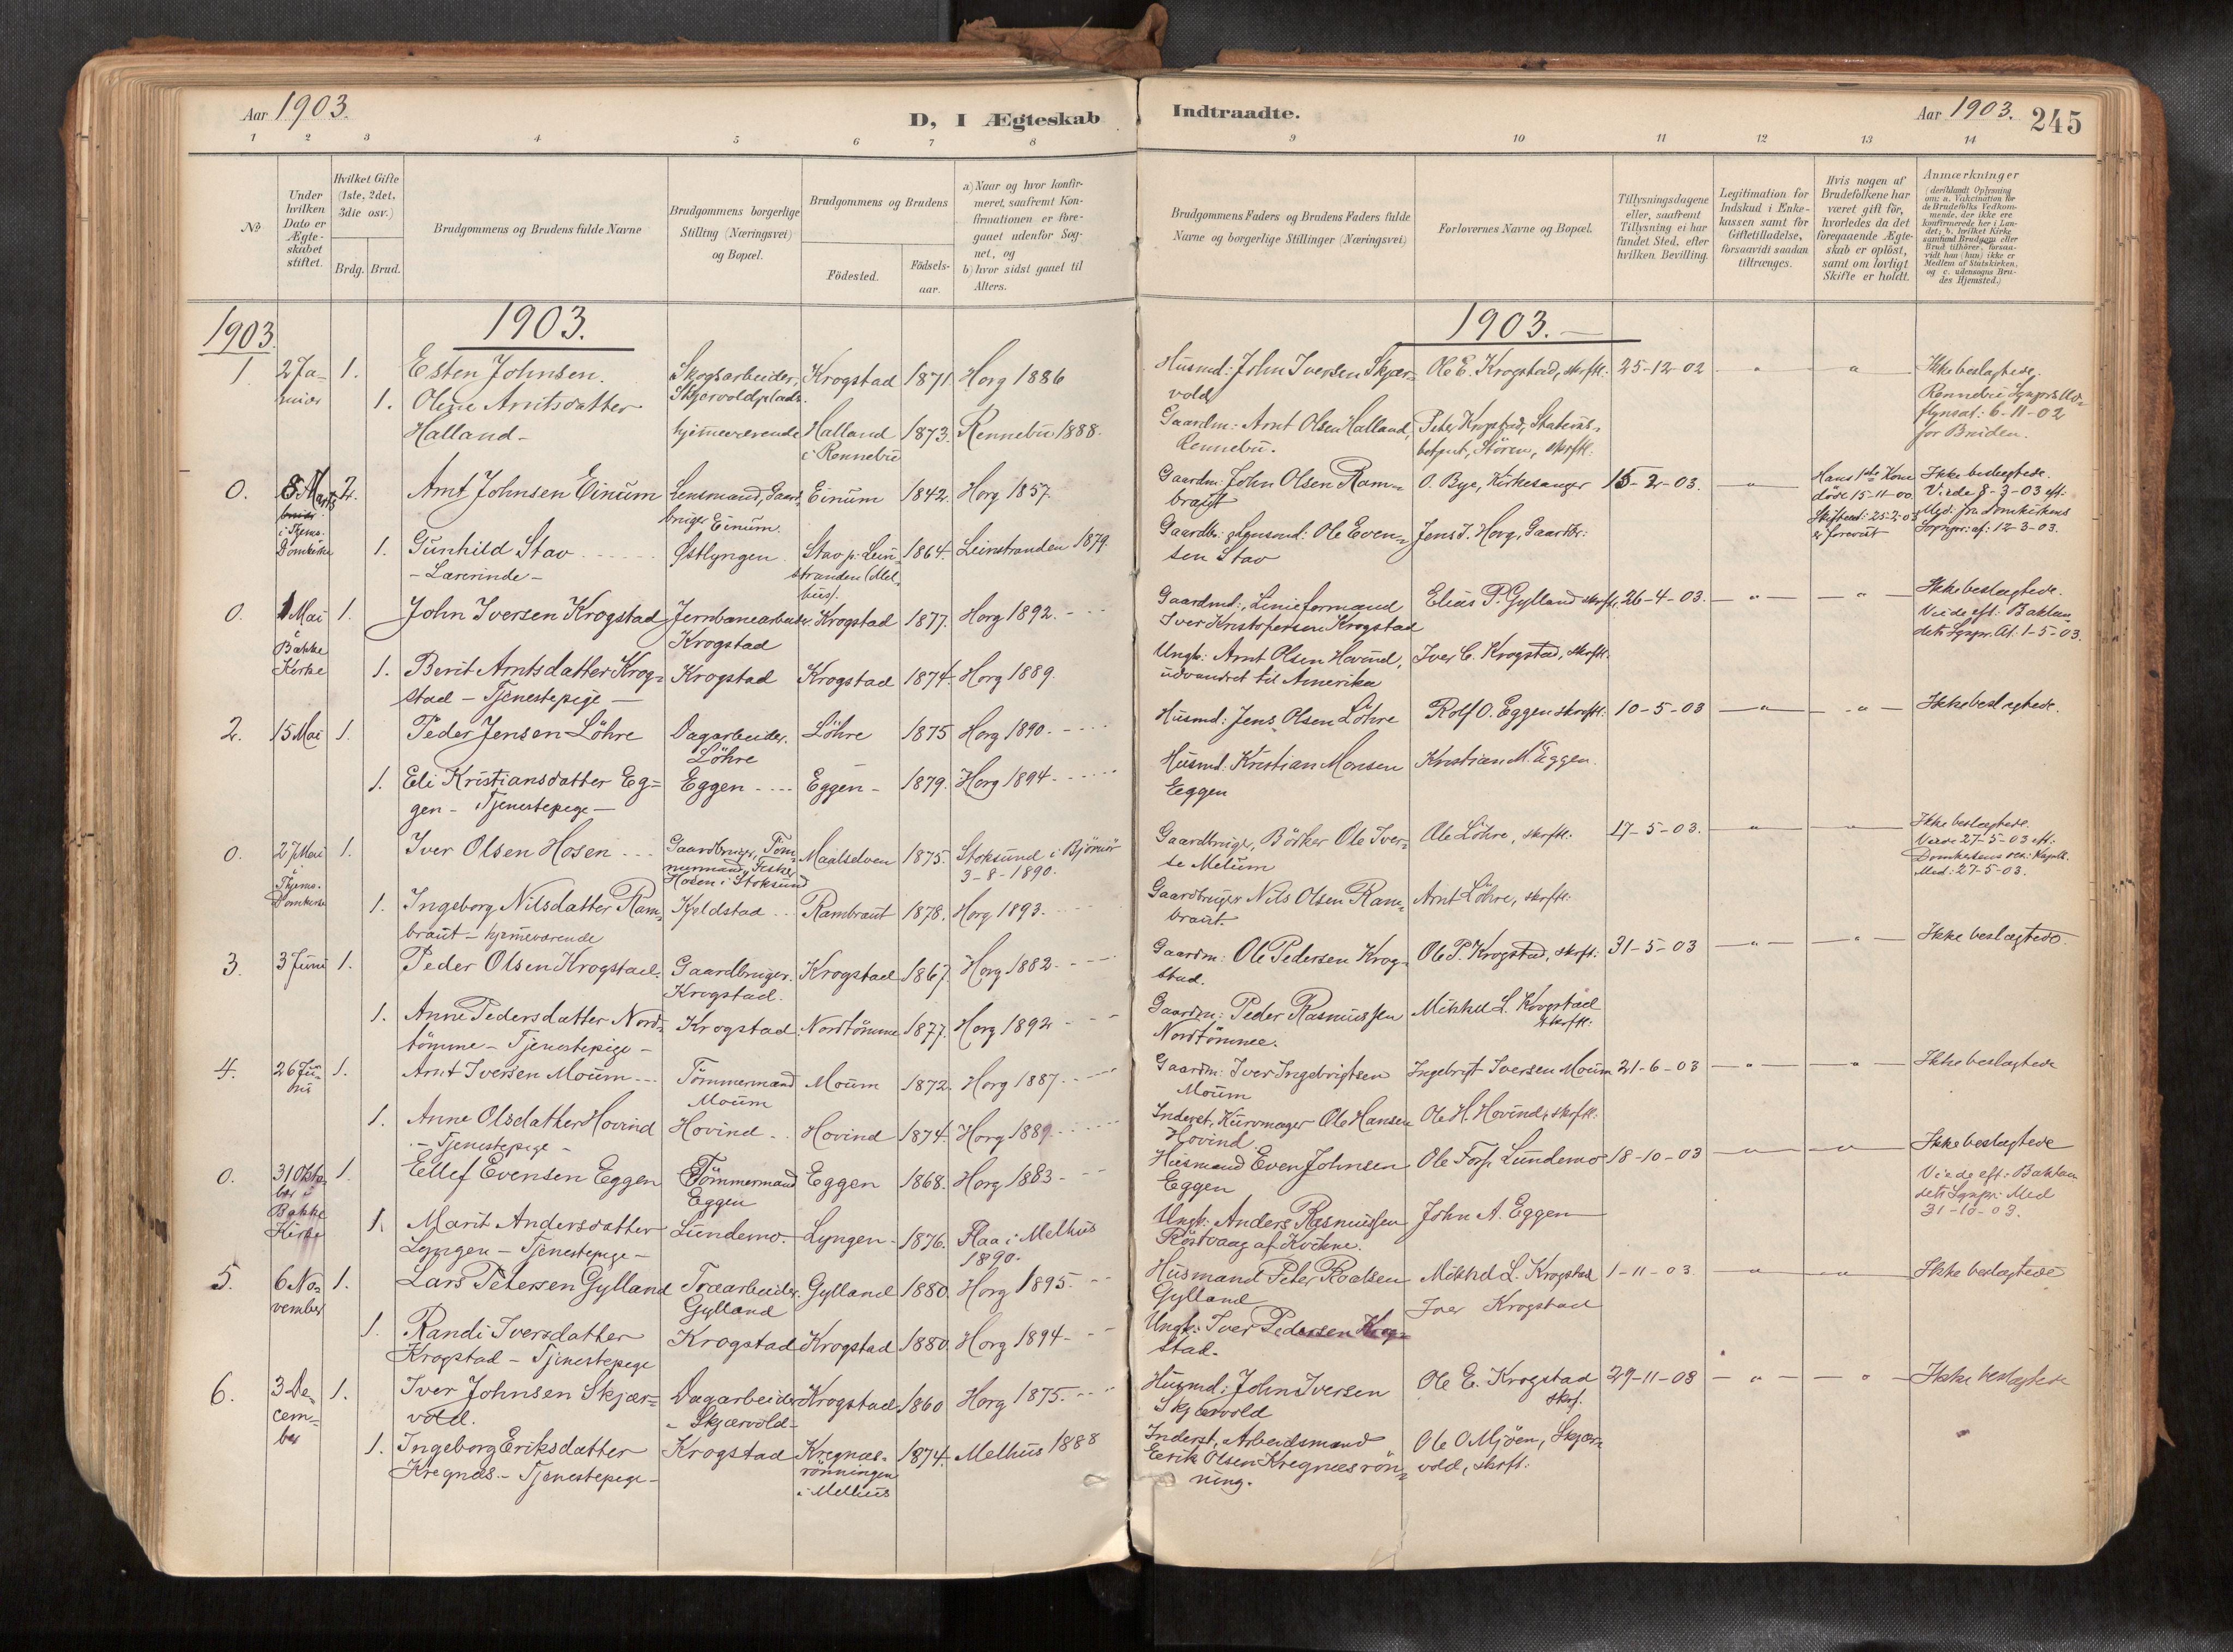 SAT, Ministerialprotokoller, klokkerbøker og fødselsregistre - Sør-Trøndelag, 692/L1105b: Ministerialbok nr. 692A06, 1891-1934, s. 245